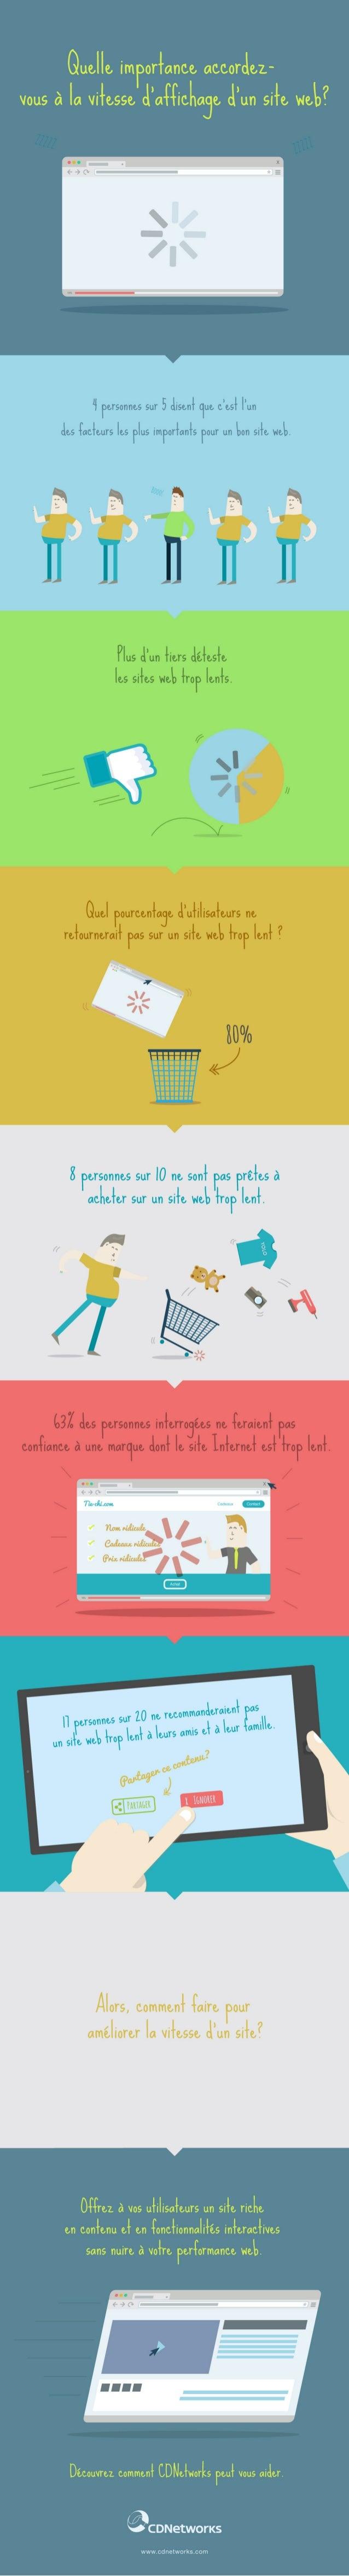 Les internautes français plébiscitent la site performance